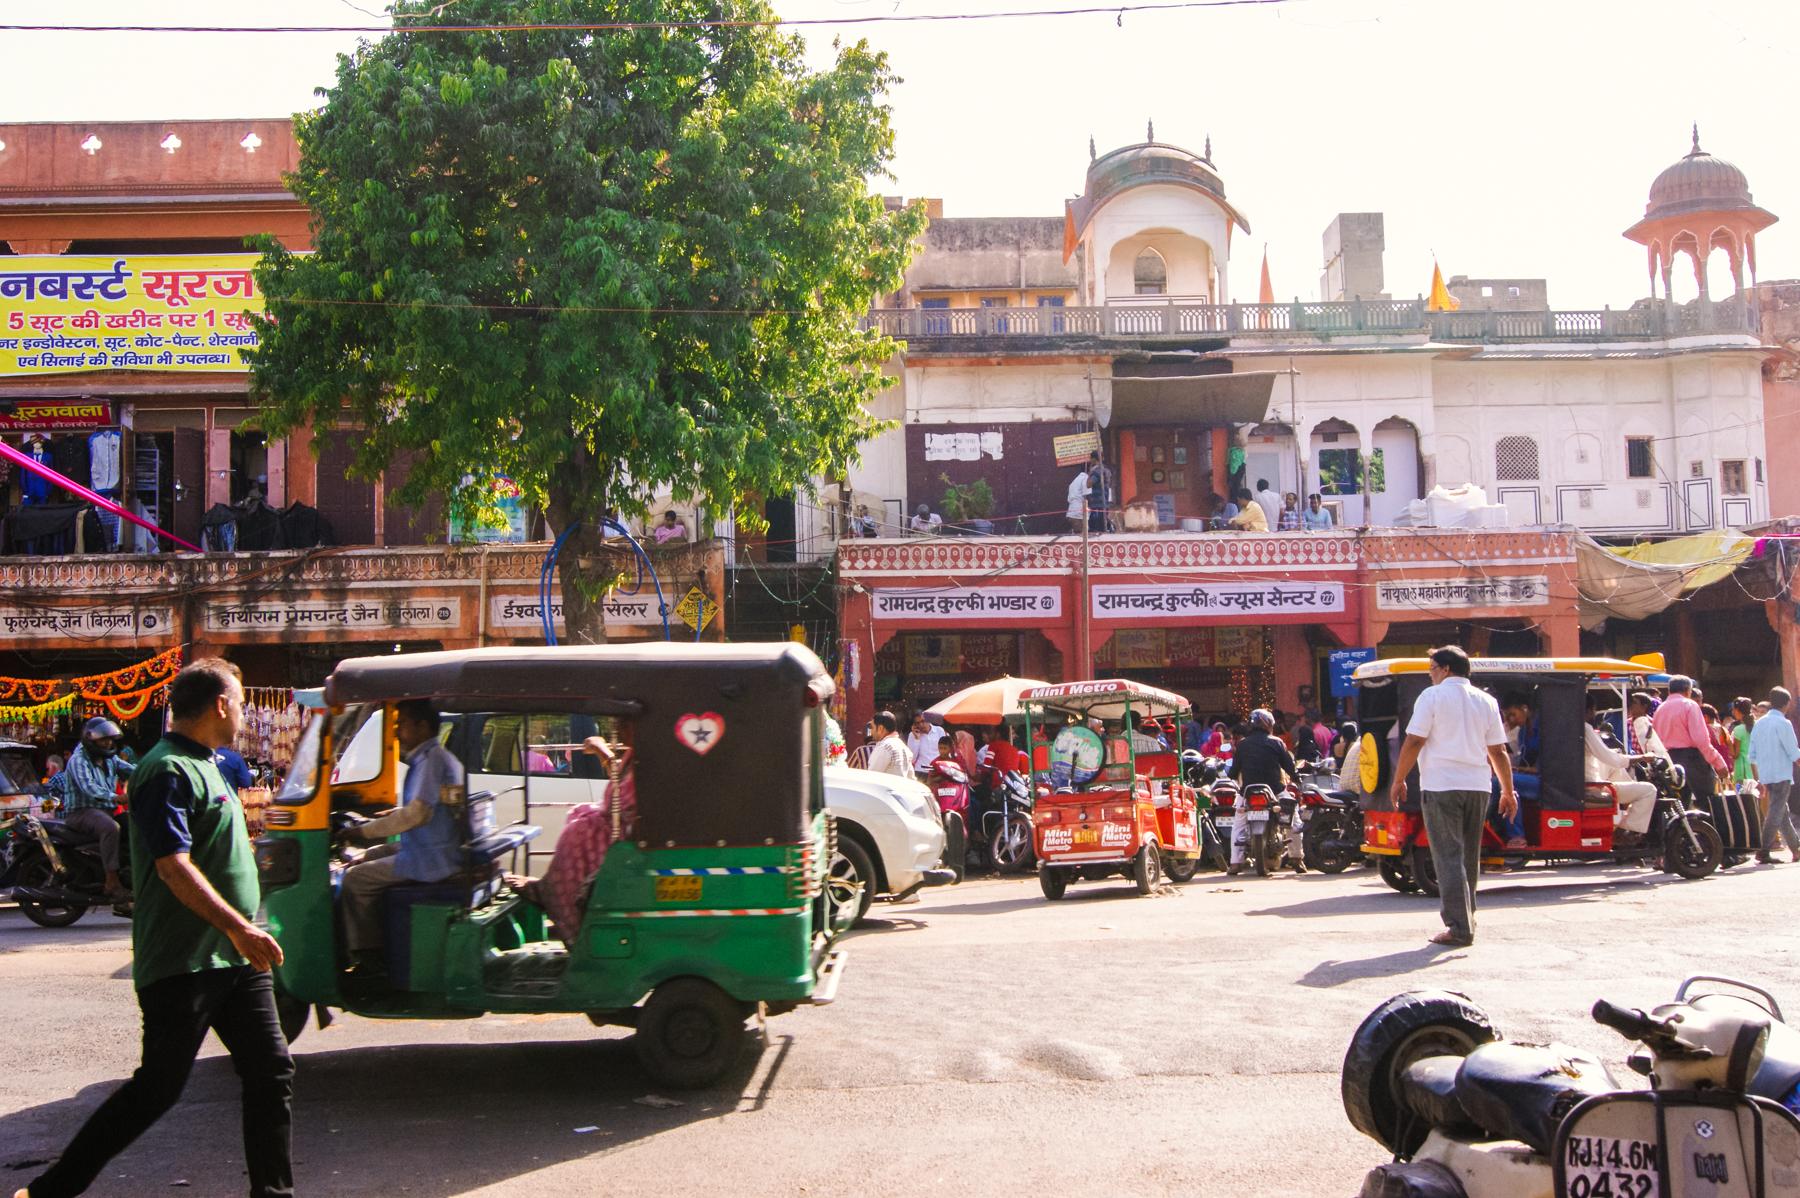 Las caóticas calles de Jaipur y sus mercados